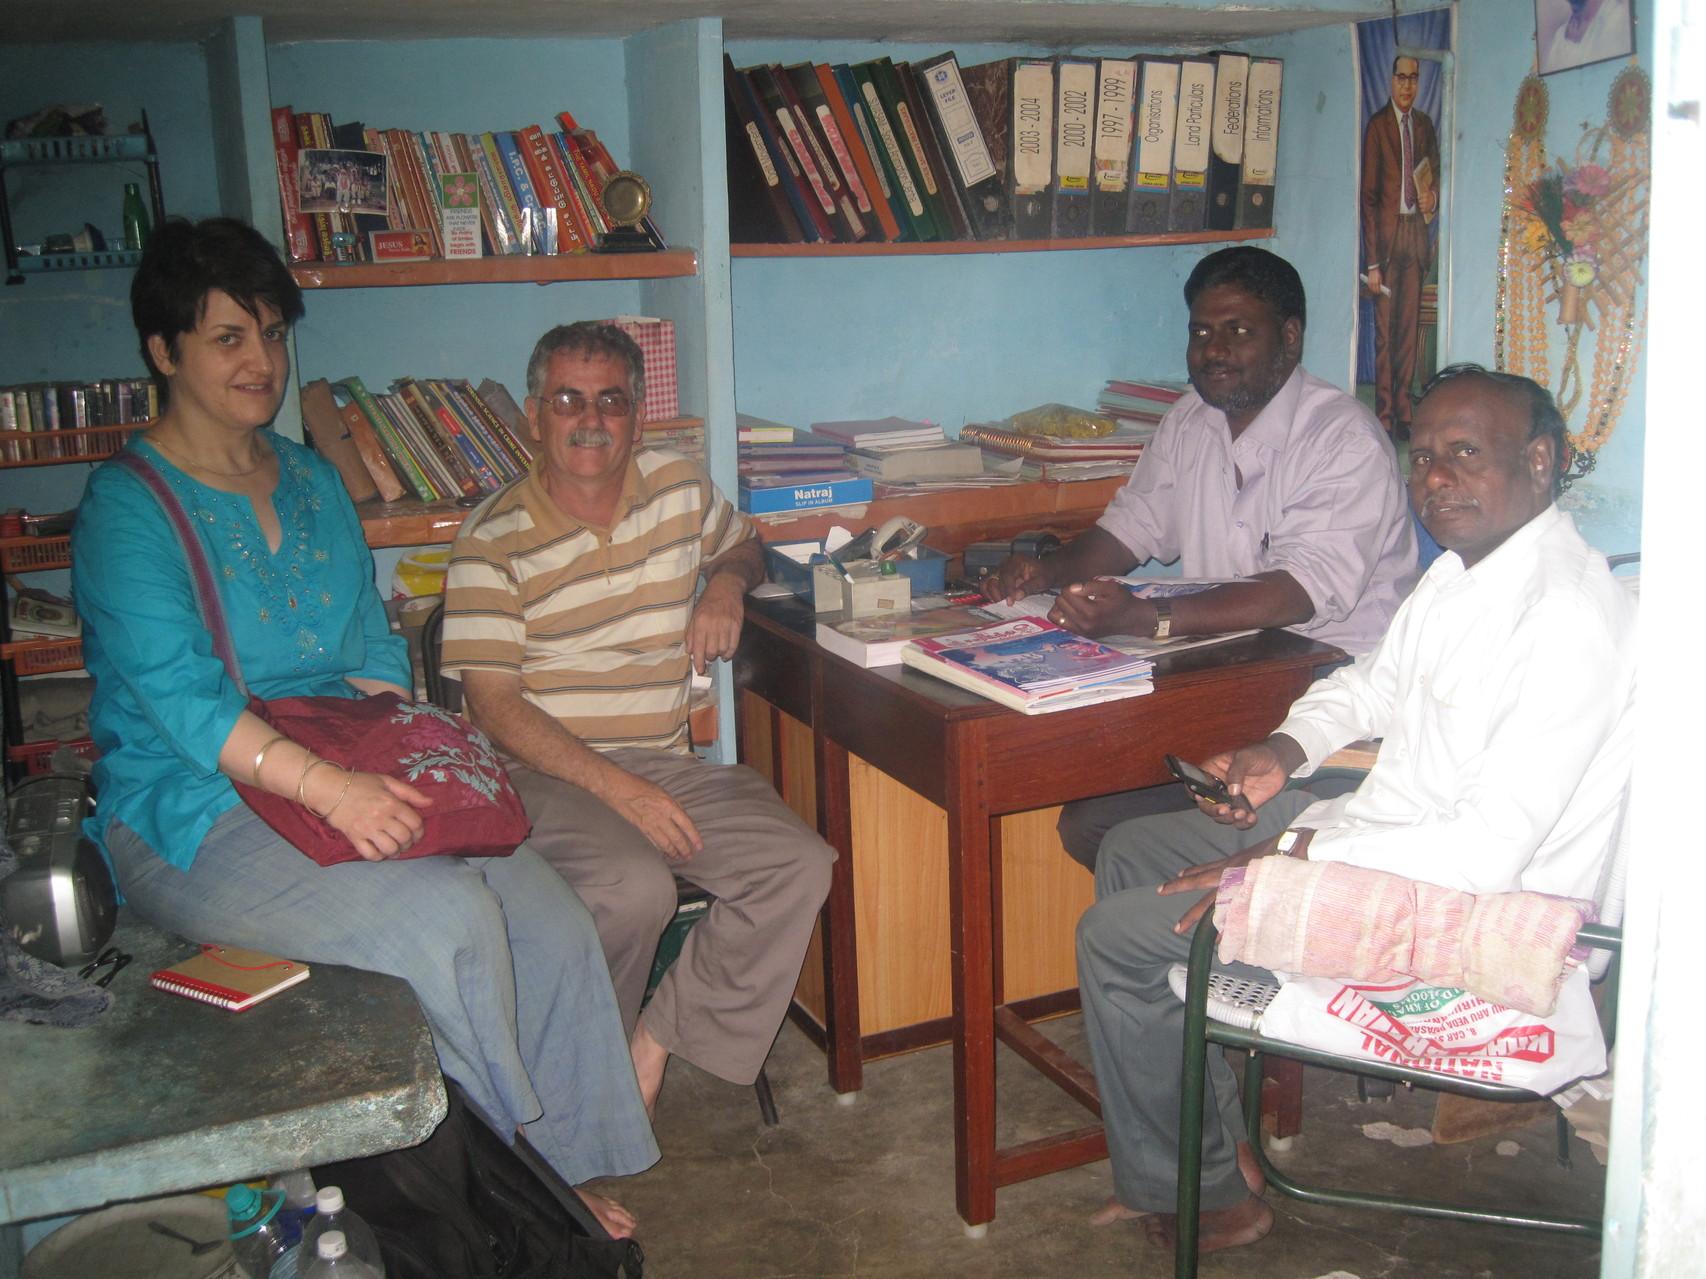 Rencontre avec un journaliste des droits de l'homme dans le bureau de Rosario à Tiruvannamalai - Janvier 2009